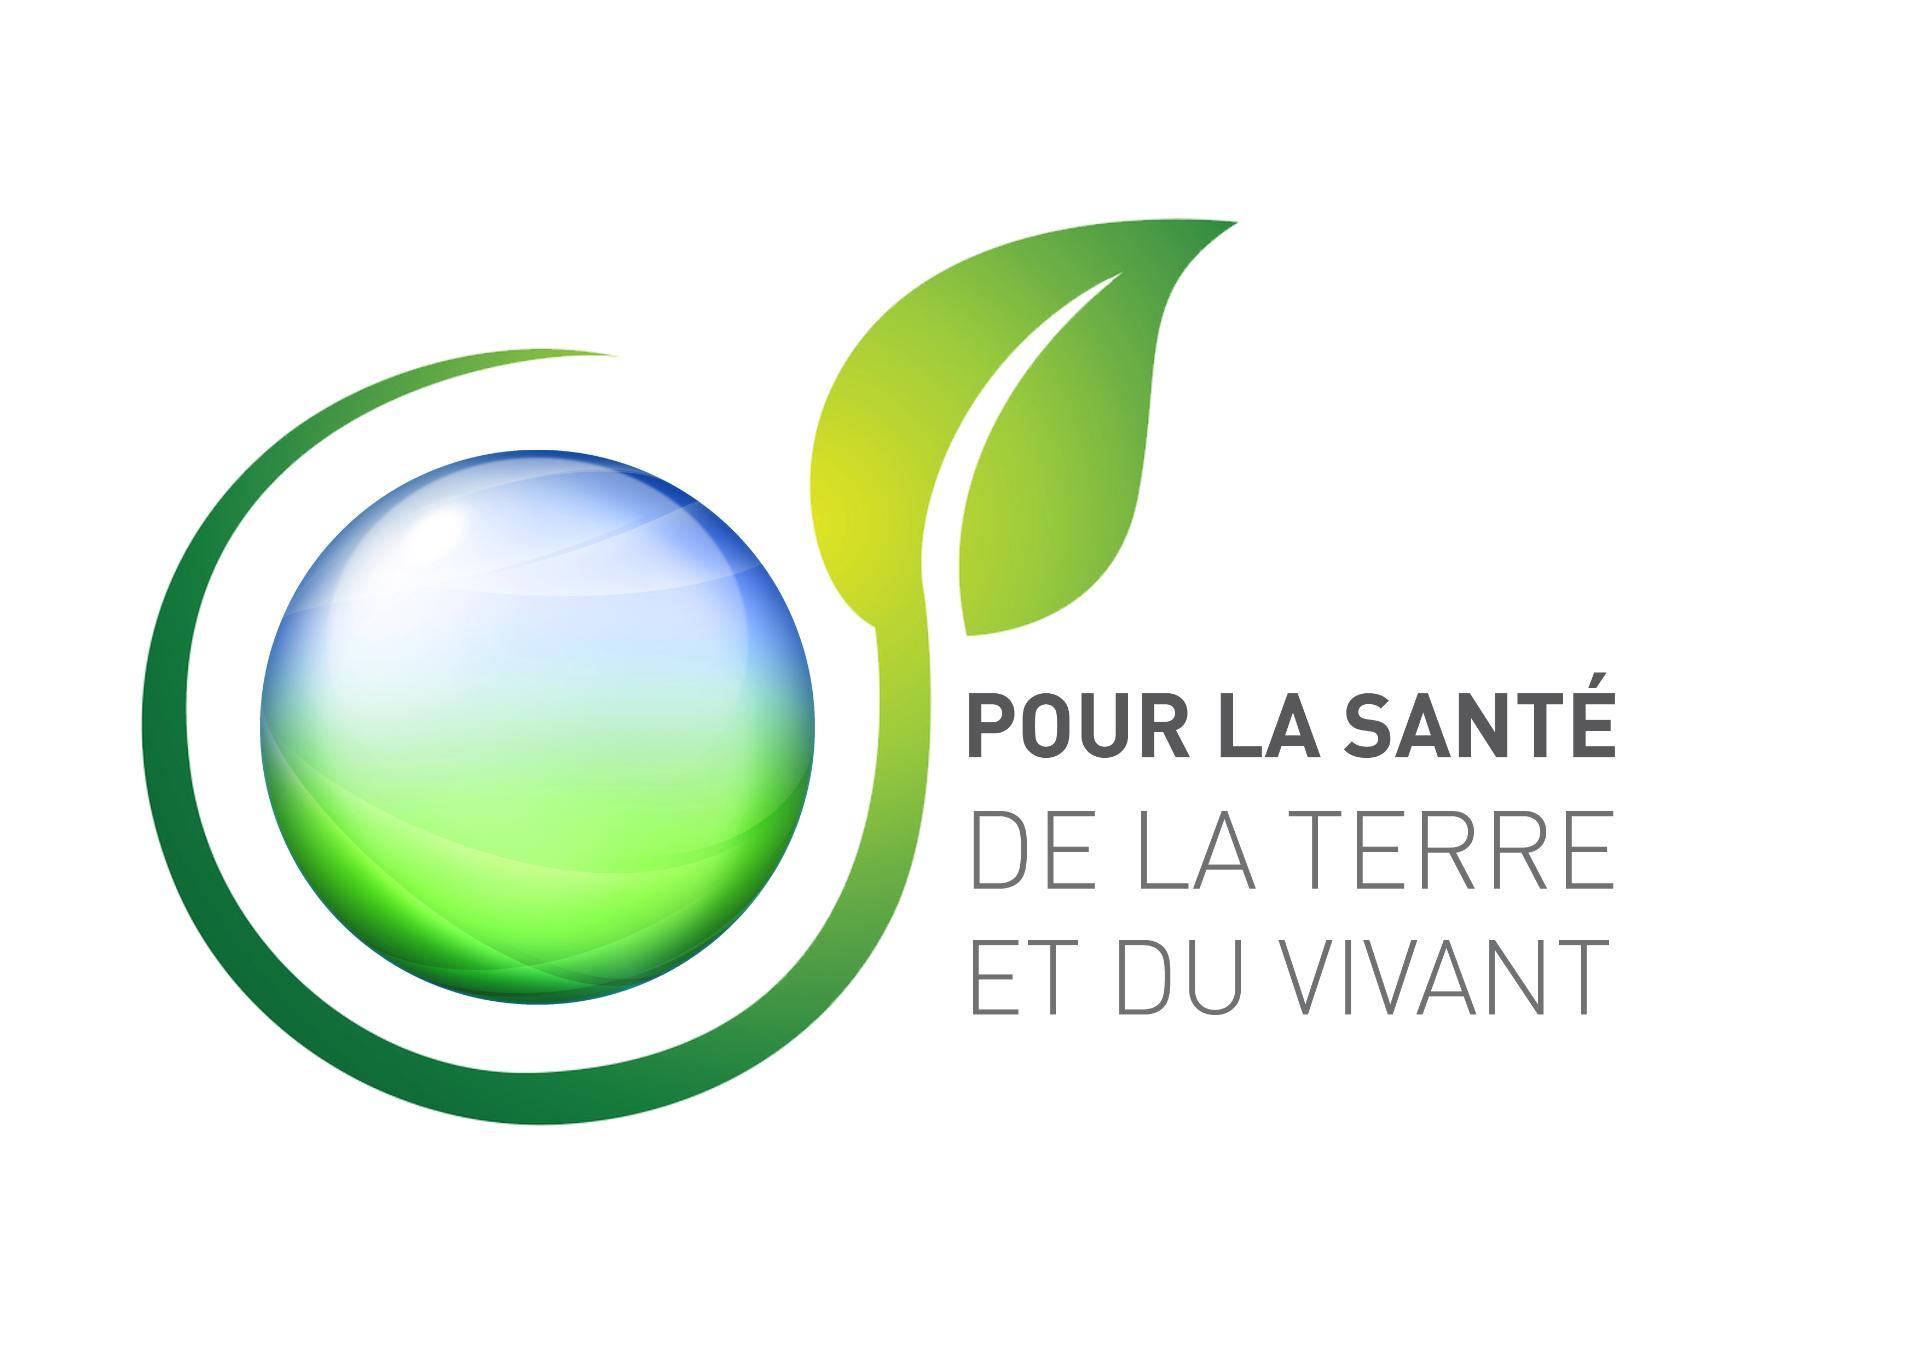 ASSOCIATION POUR LA SANTE DE LA TERRE ET DU VIVANT